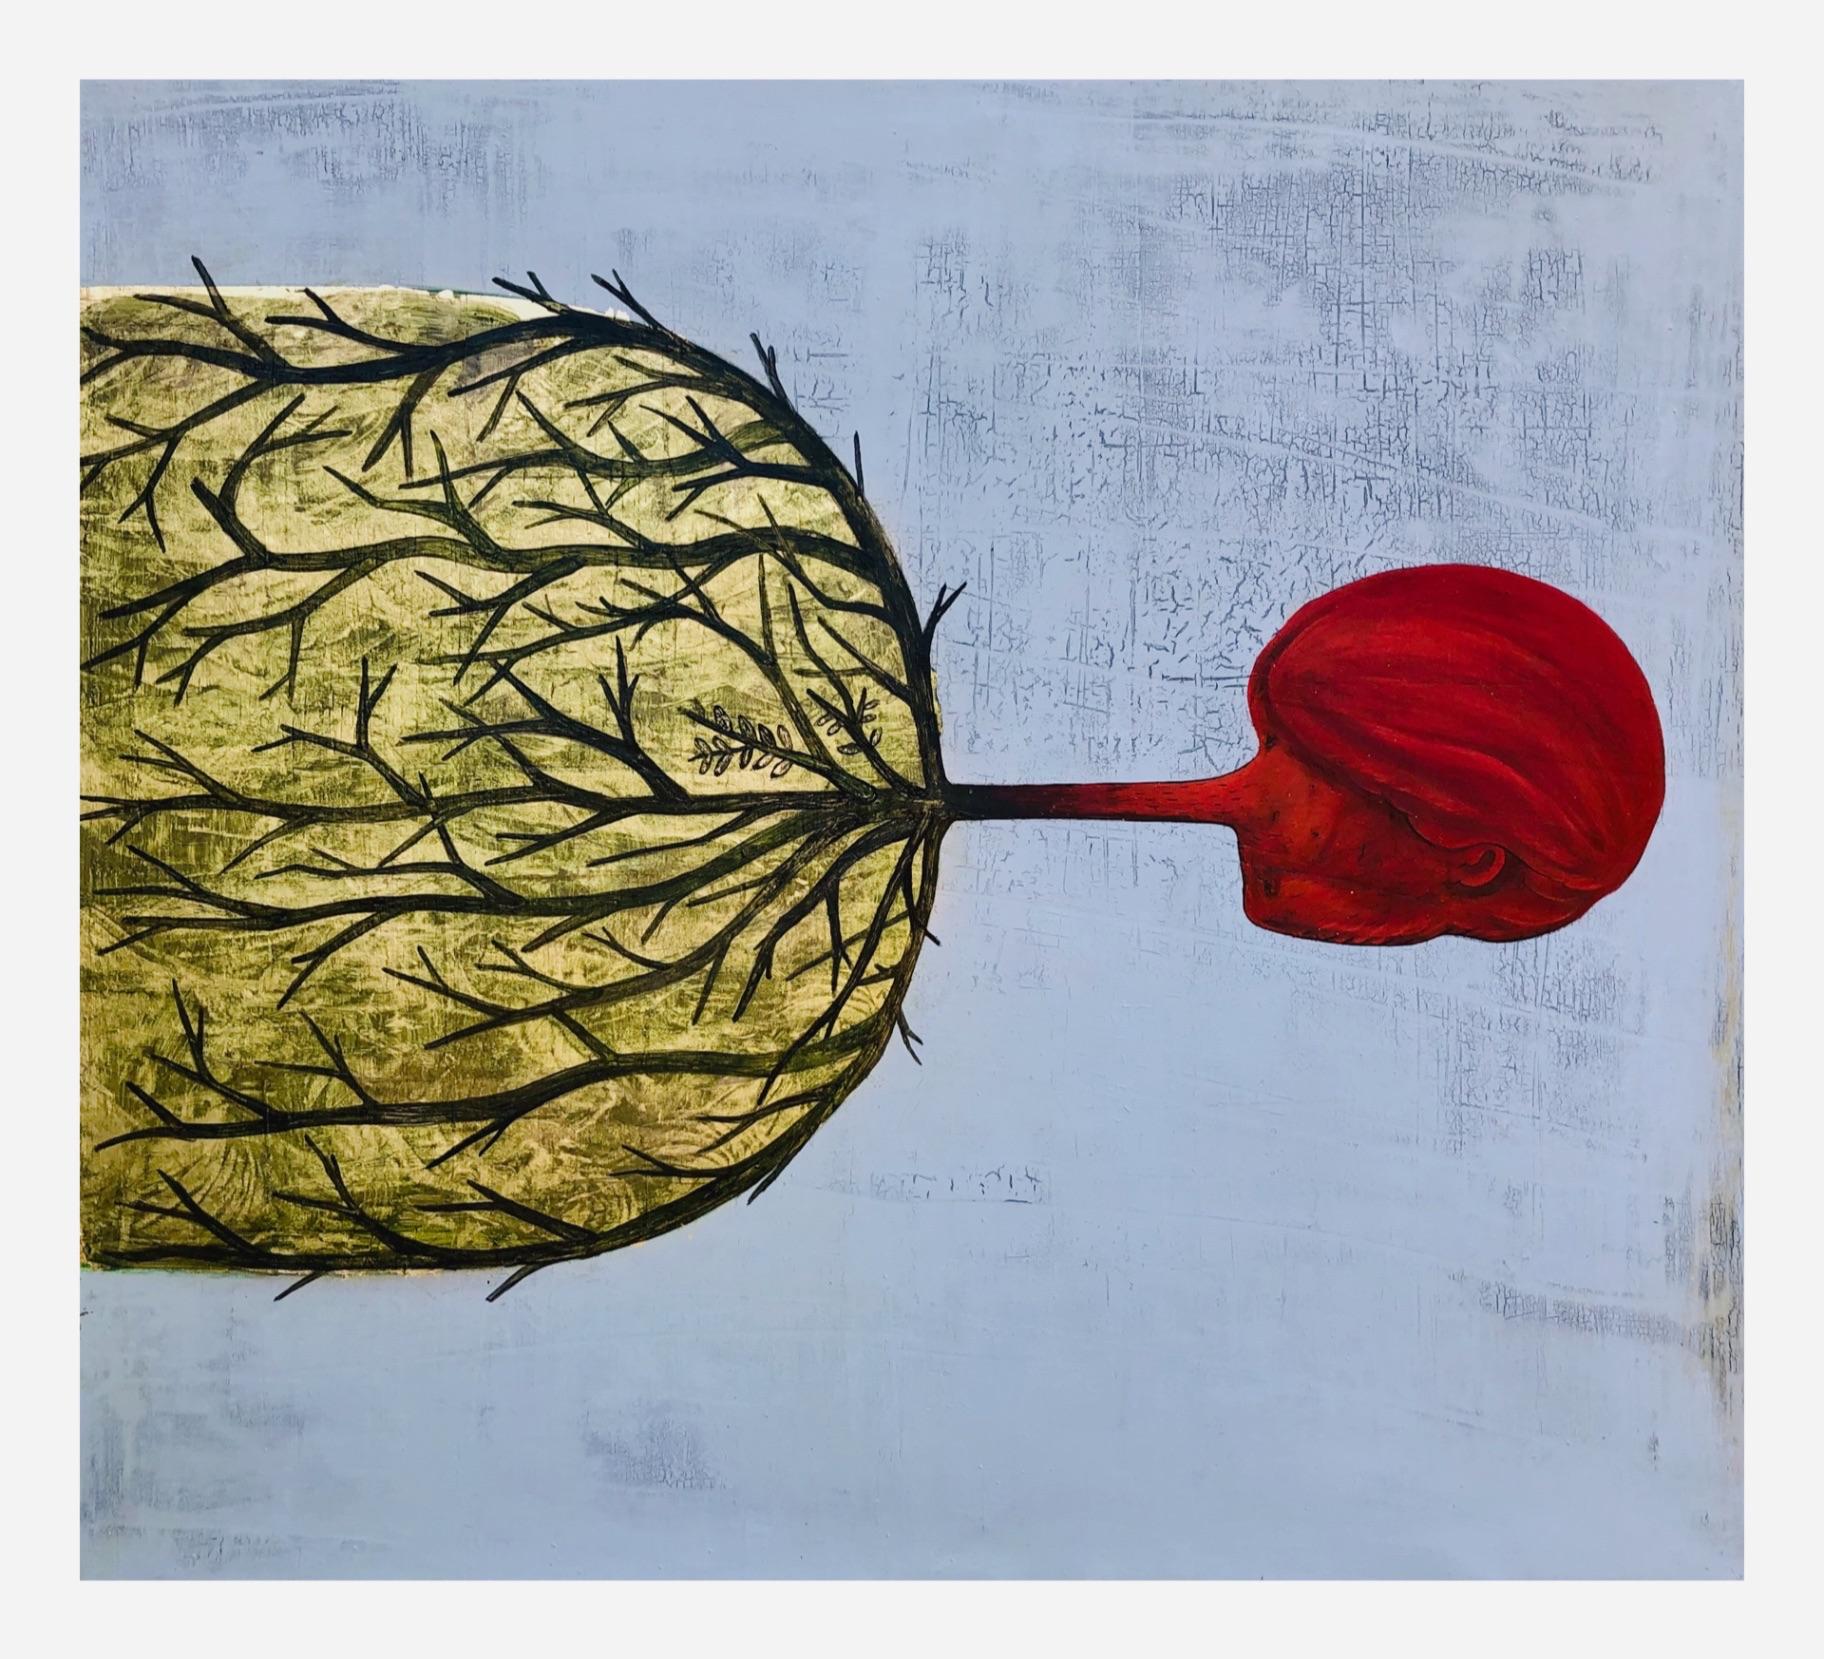 Obra: Hay mentiras que crecen cómo árboles